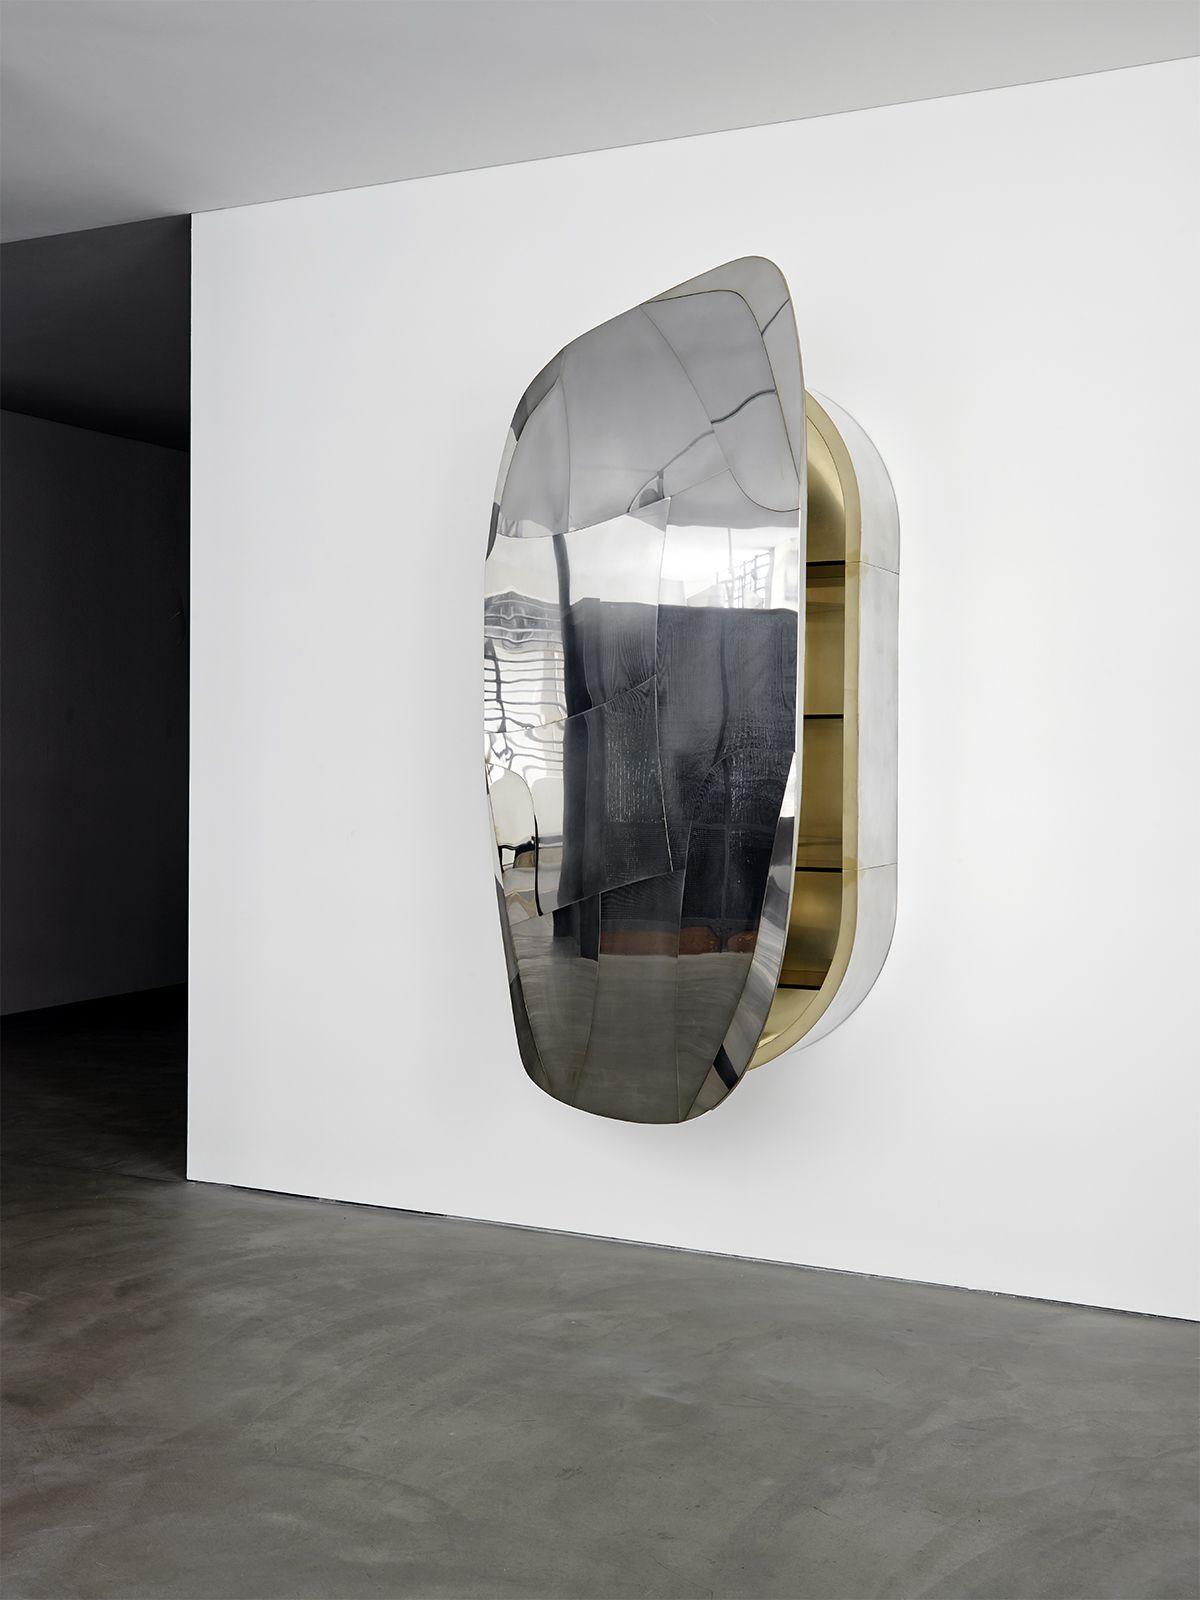 Progetto domestico mirror cabinet wall sculpture for Progetto domestico